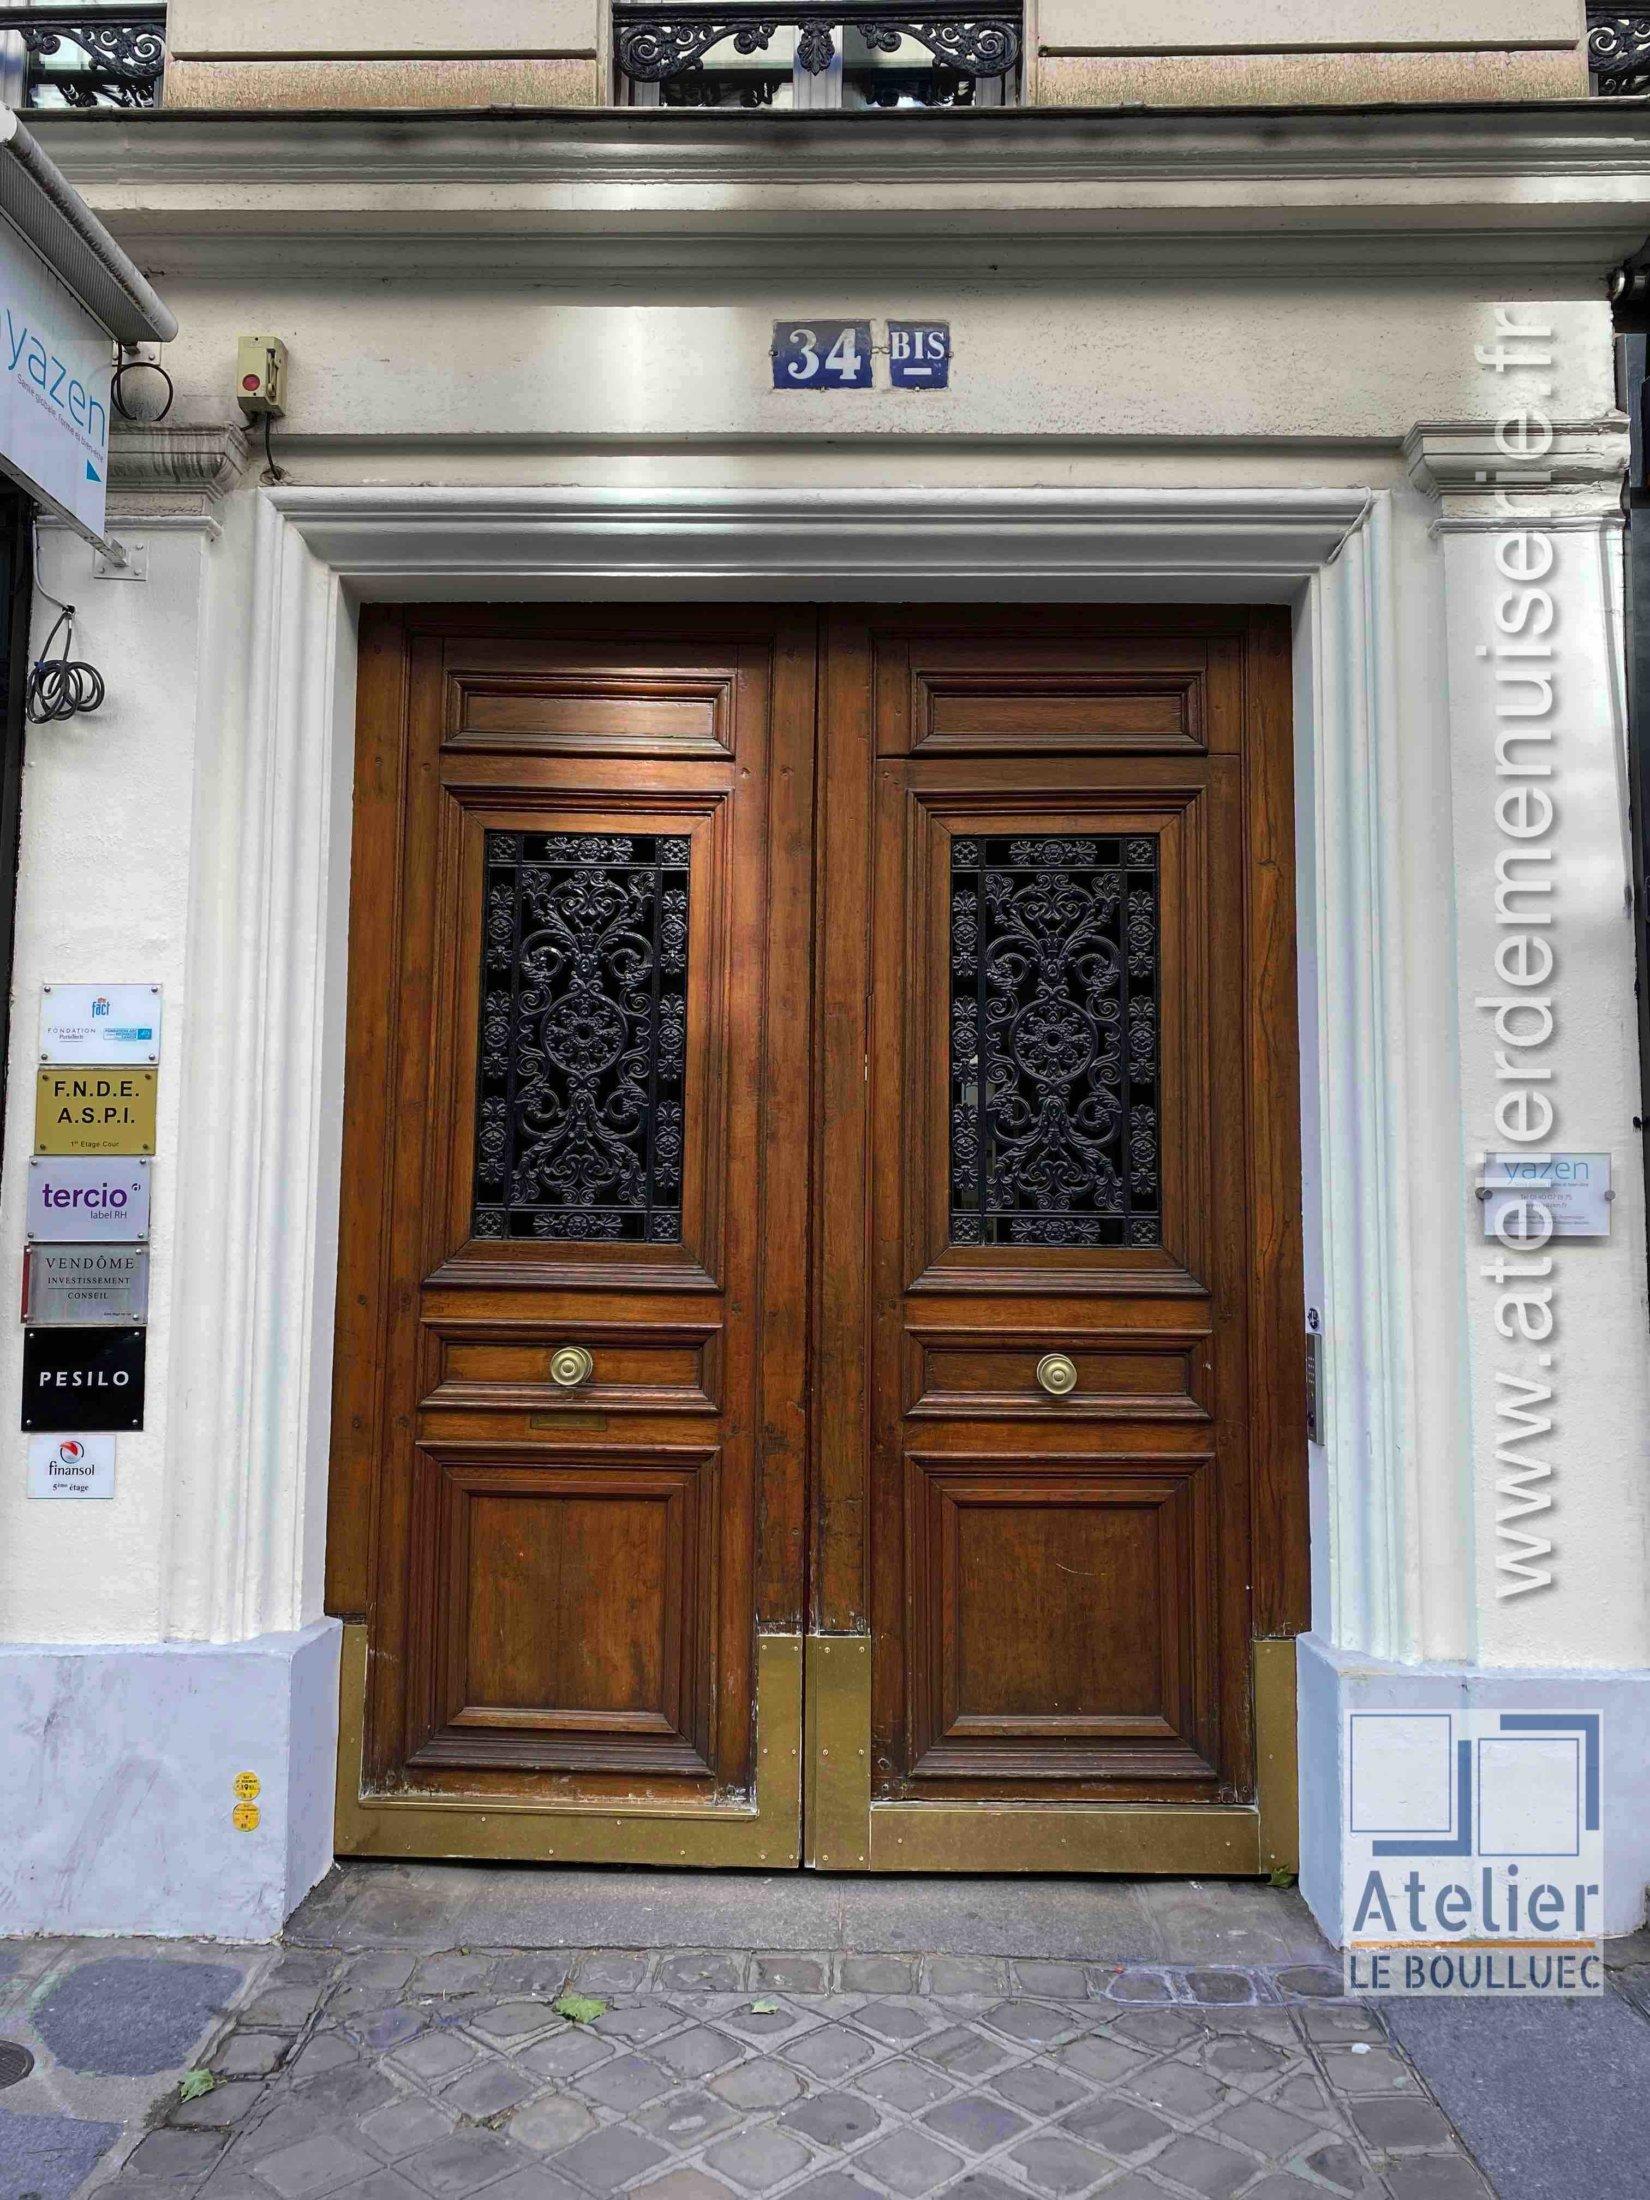 Porte Cochère - 34 Bis RUE VIGNON PARIS 9